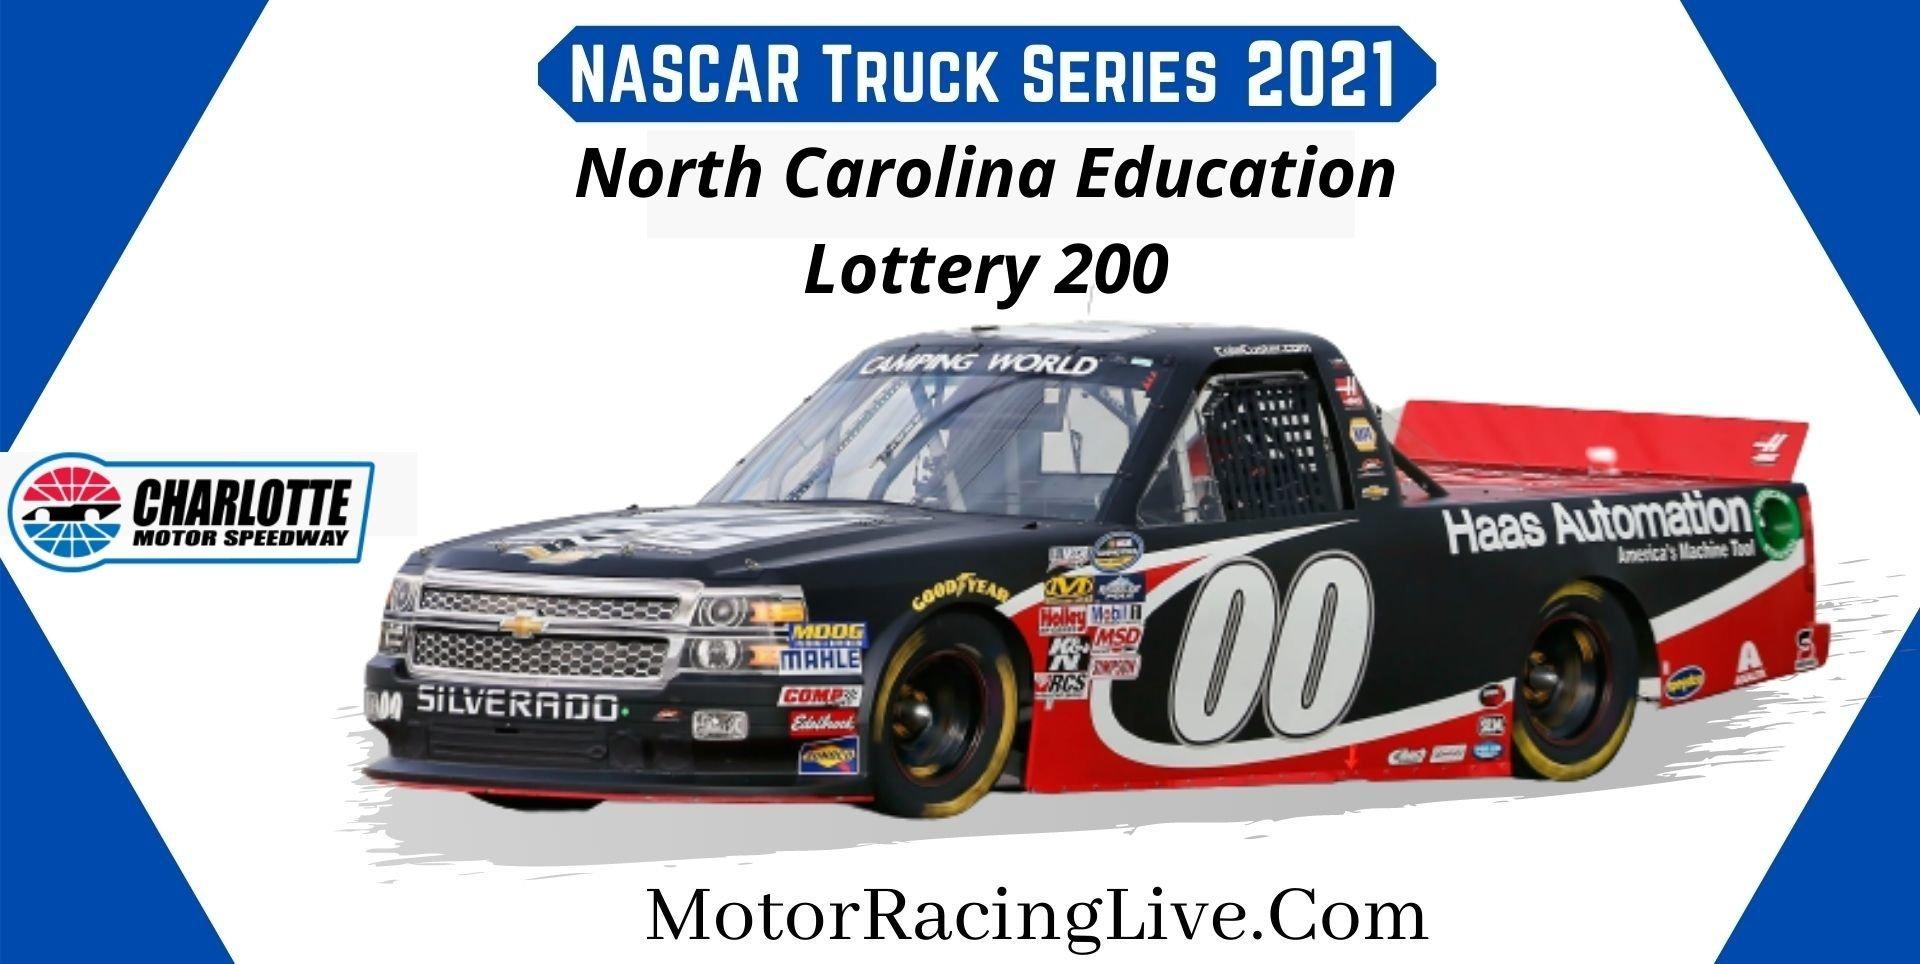 North Carolina Education Lottery 200 Nascar 2021 Live Stream